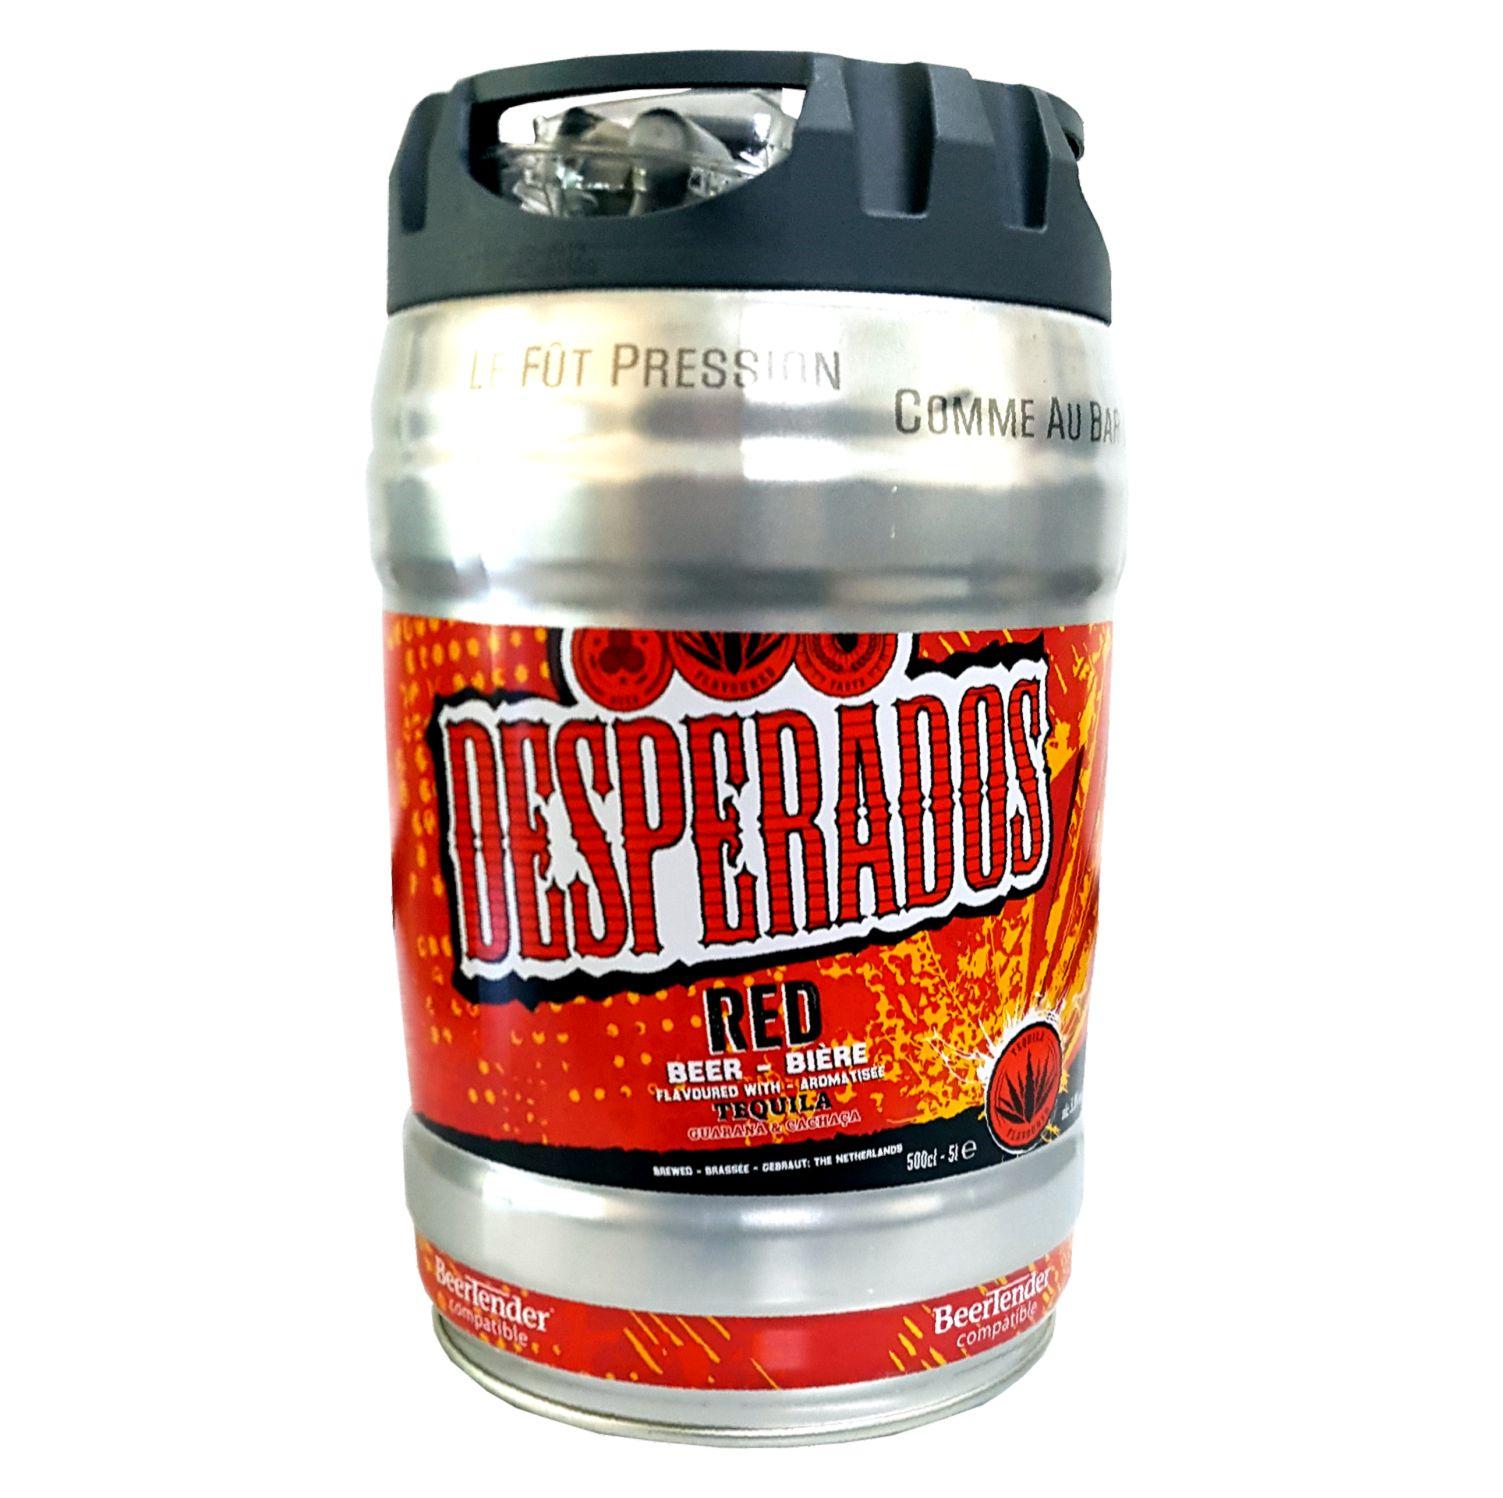 Desperados Red Bier Mit Tequila Guarana Cachaca Partyfass Online Kaufen Schnelle Lieferung Auch Online Auf Rechnung Kaufen My Food Online